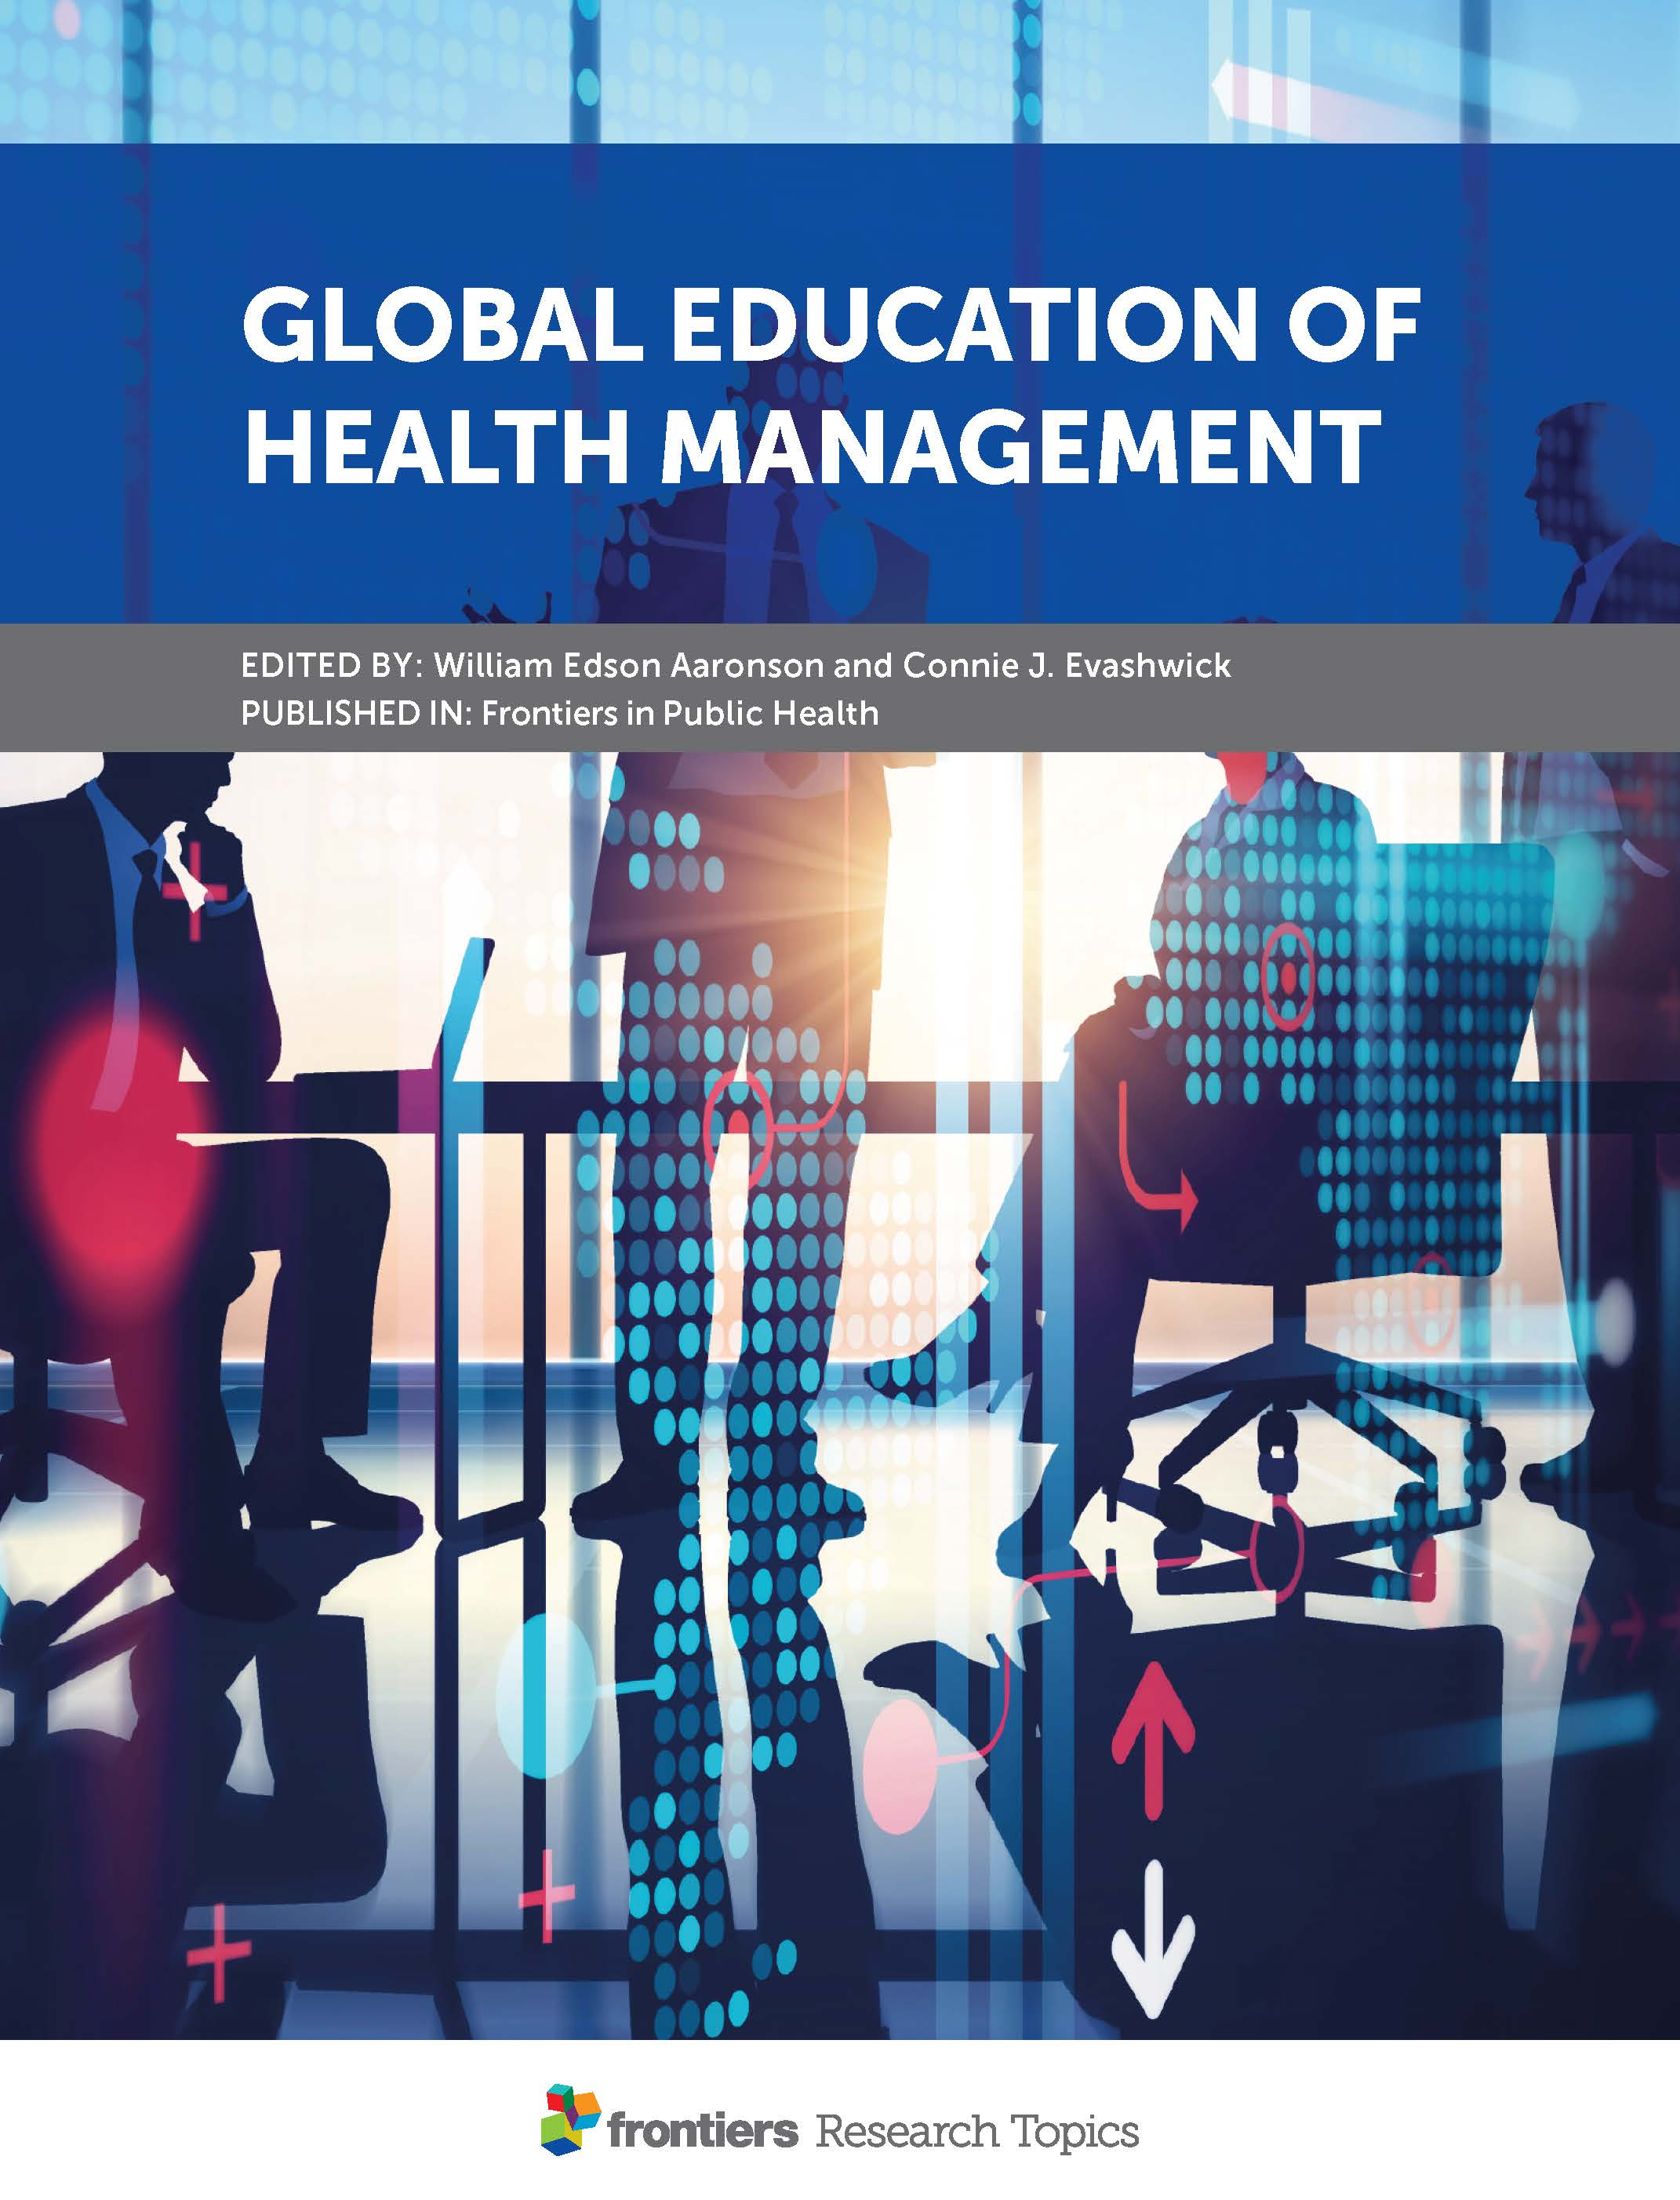 全球健康管理教育。jpg